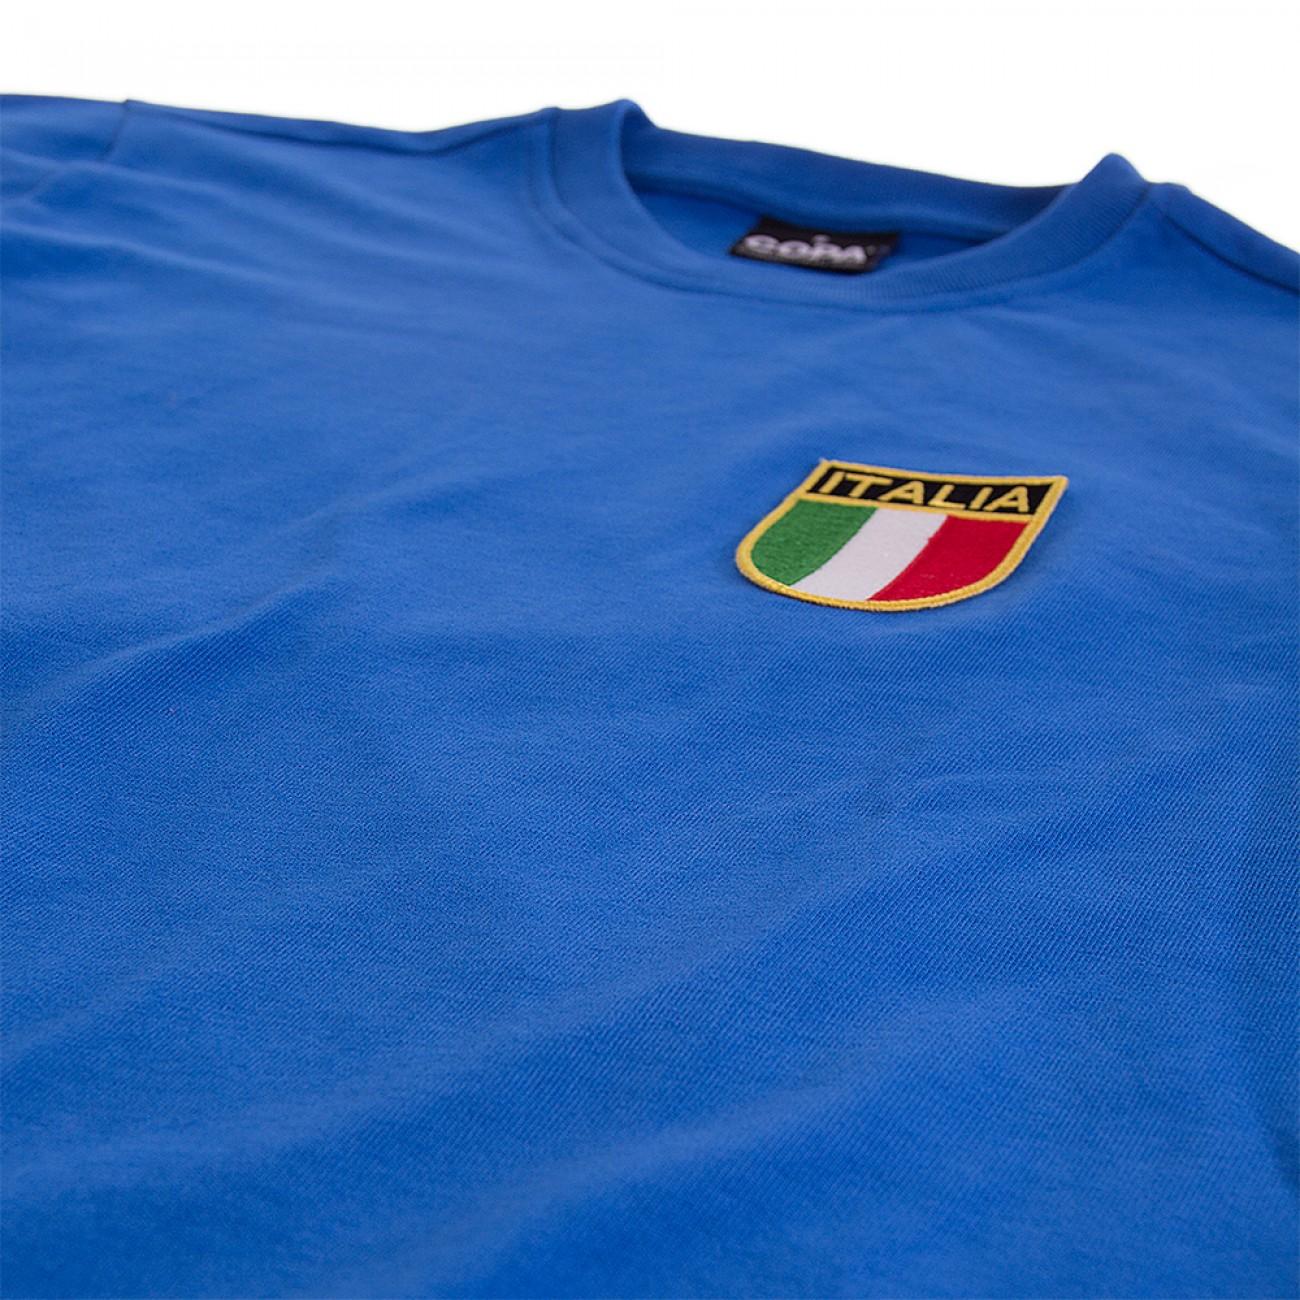 Camiseta antigua Selección Italiana Eurocopa 1968  540f96c655c0b